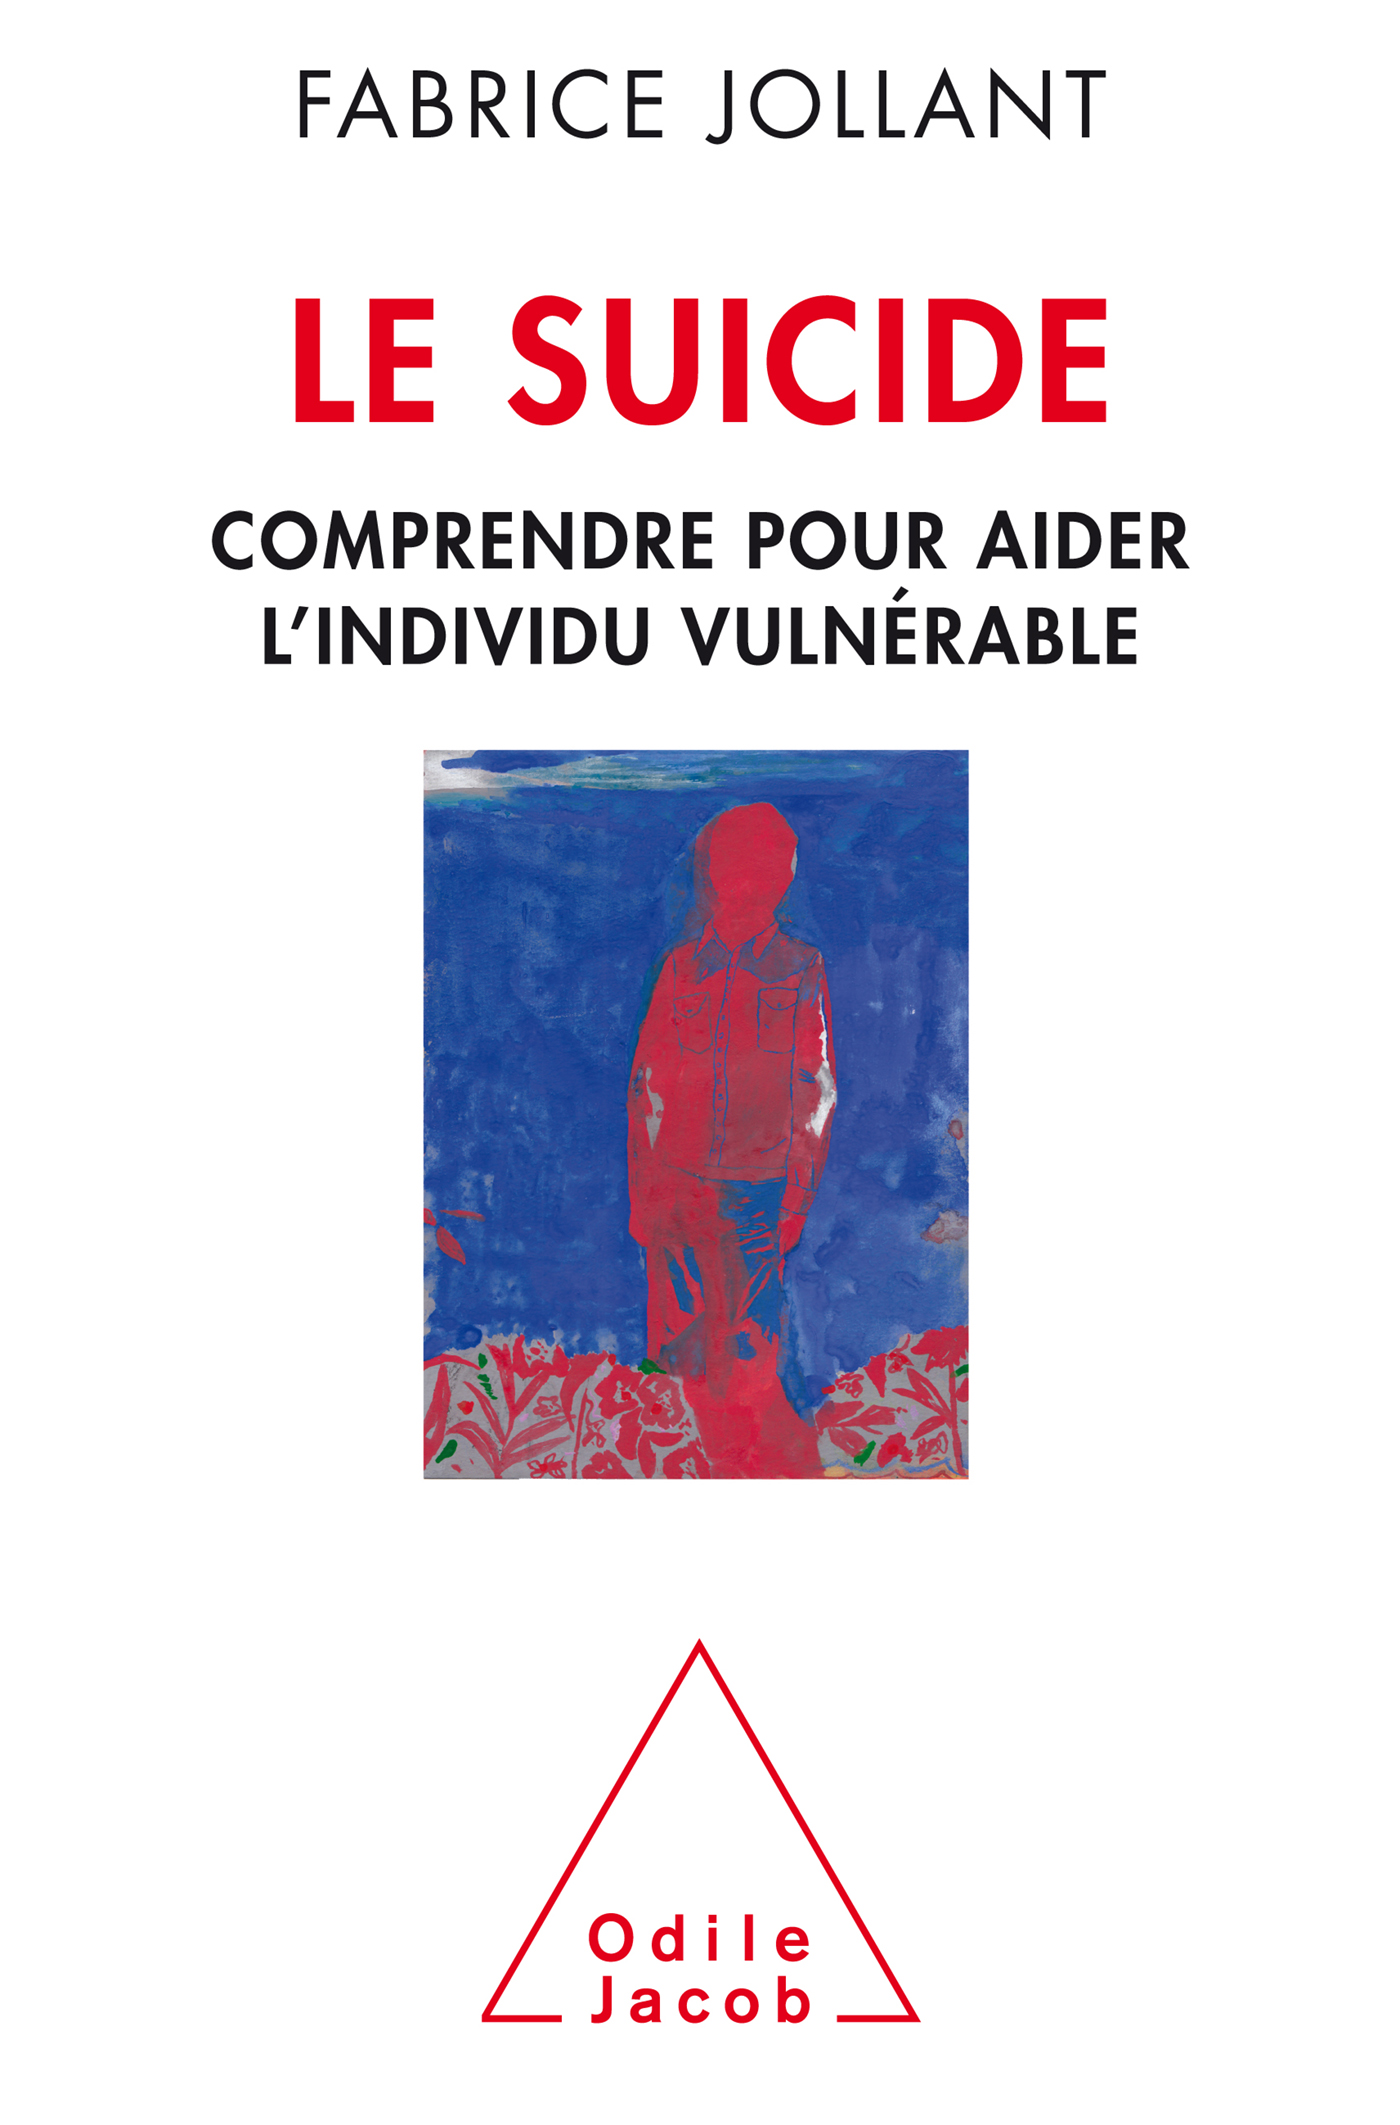 Suicide (Le) - Comprendre pour aider l'individu vulnérable